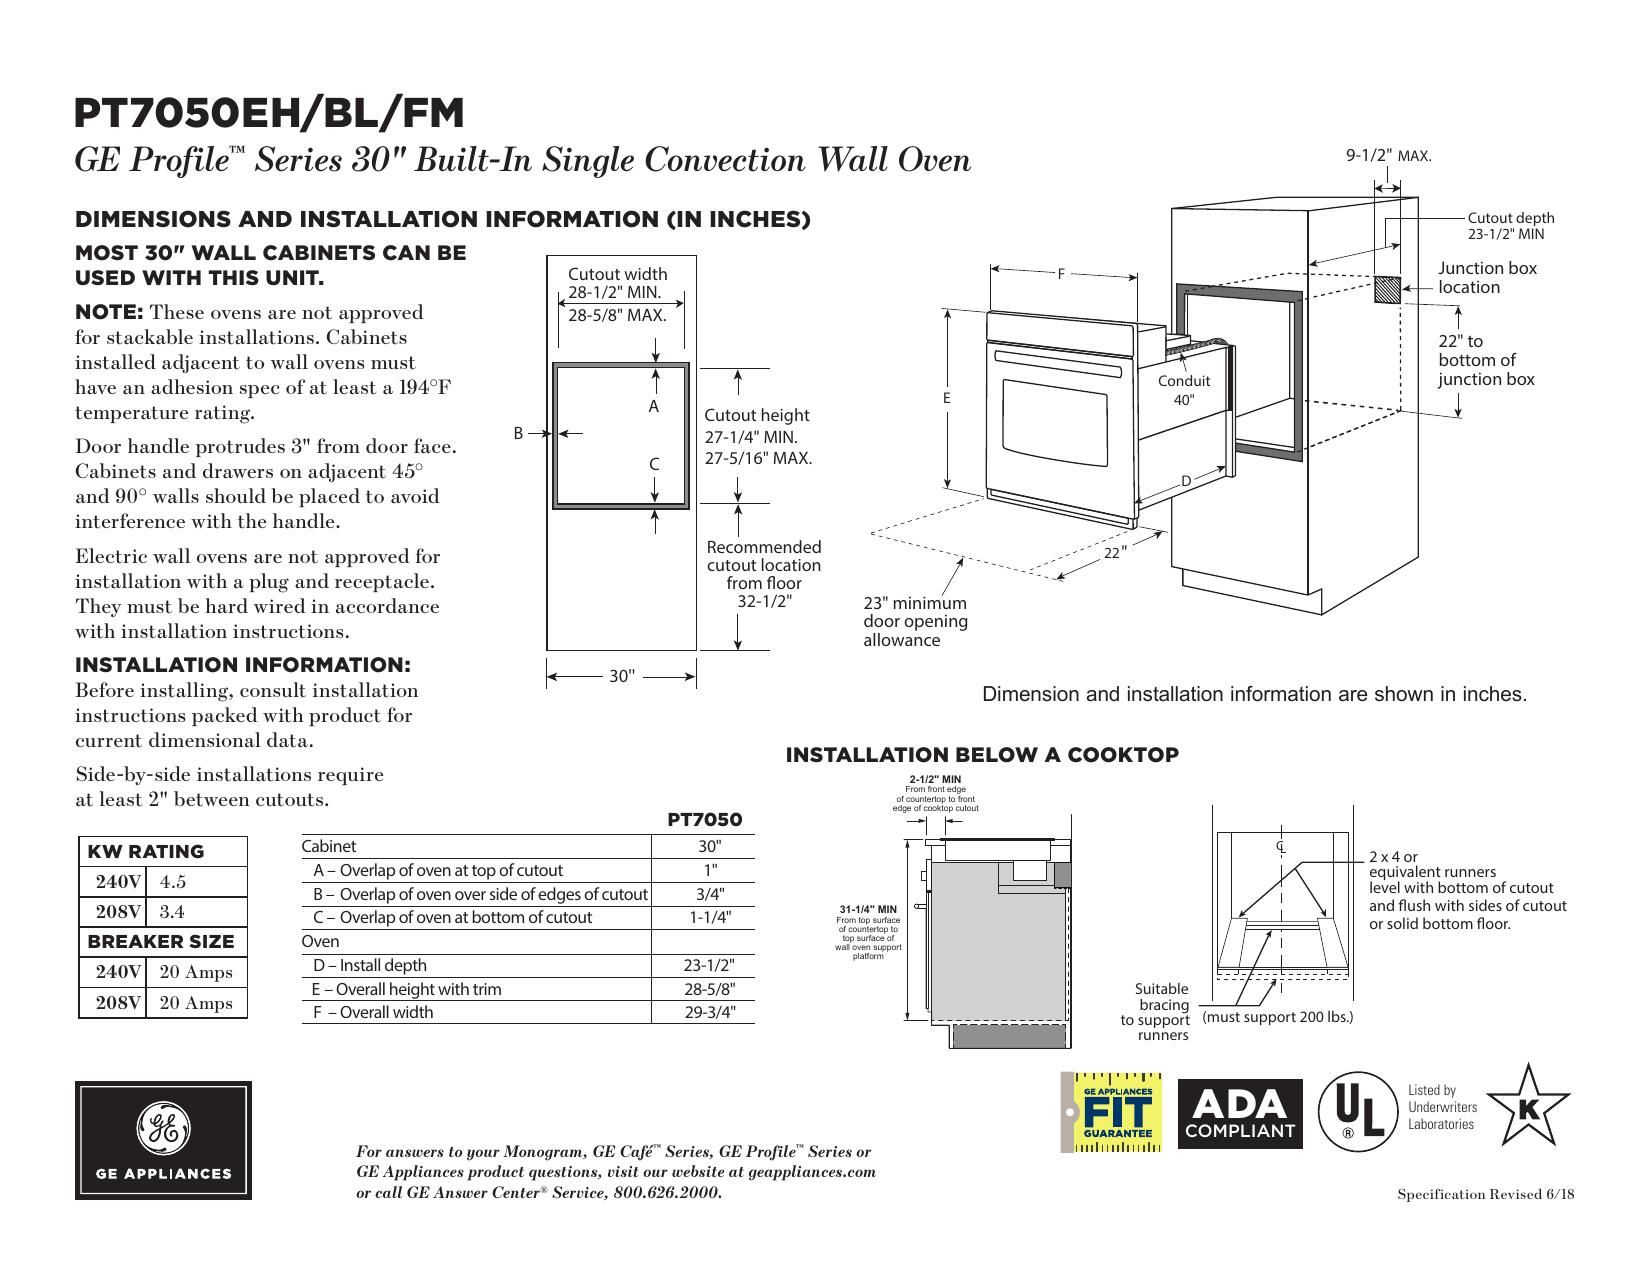 GE Profile PT7050FMDS Spec Sheet | manualzz.com on